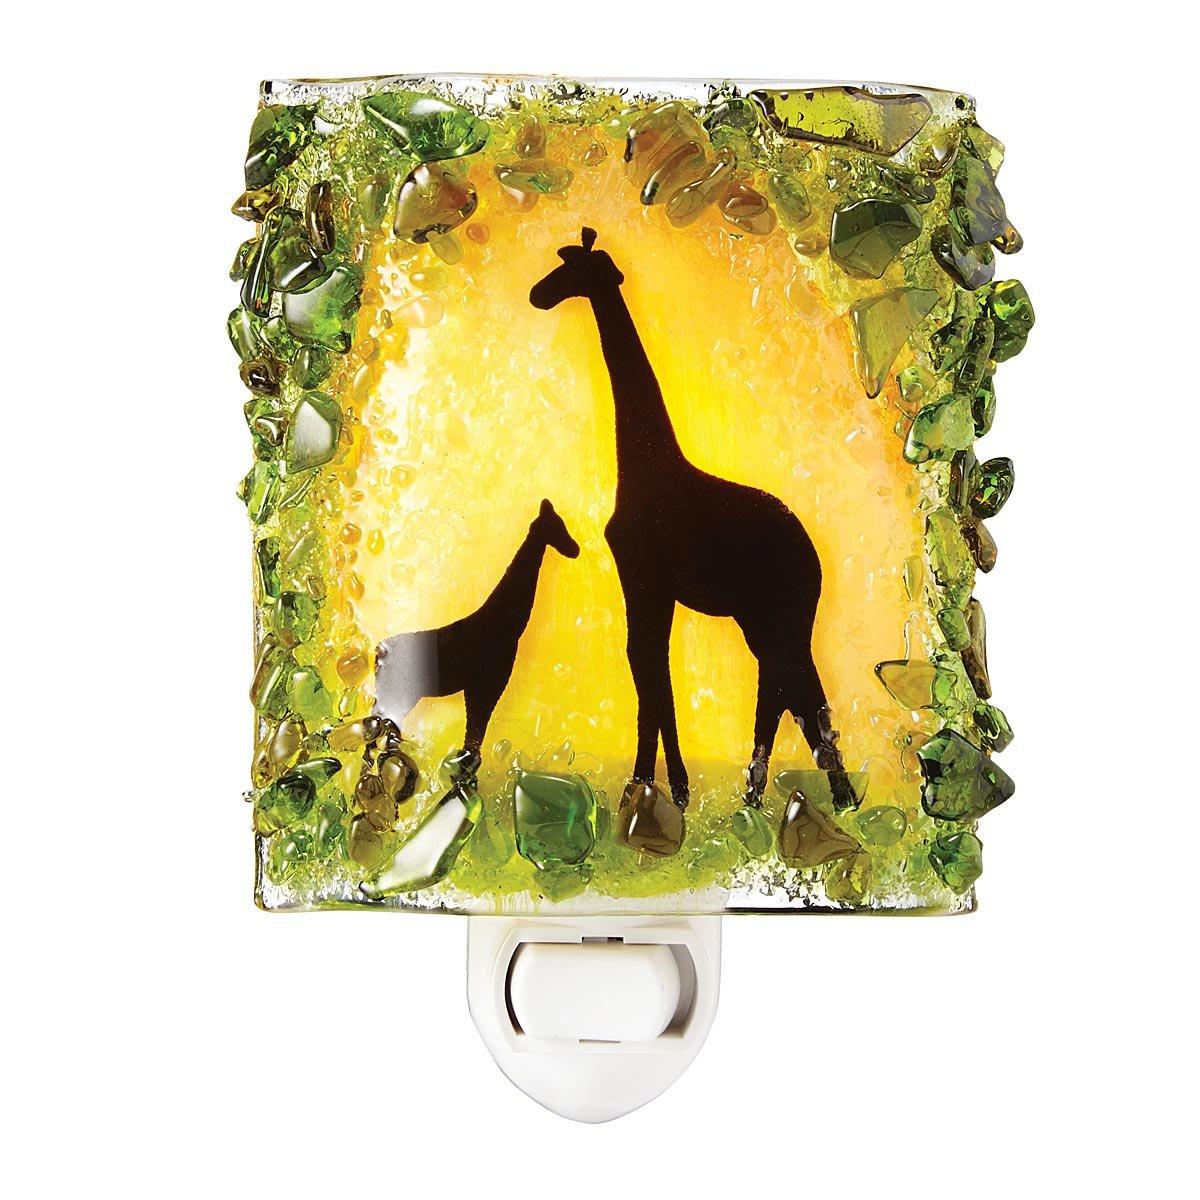 Recycled Glass Giraffes Nightlight